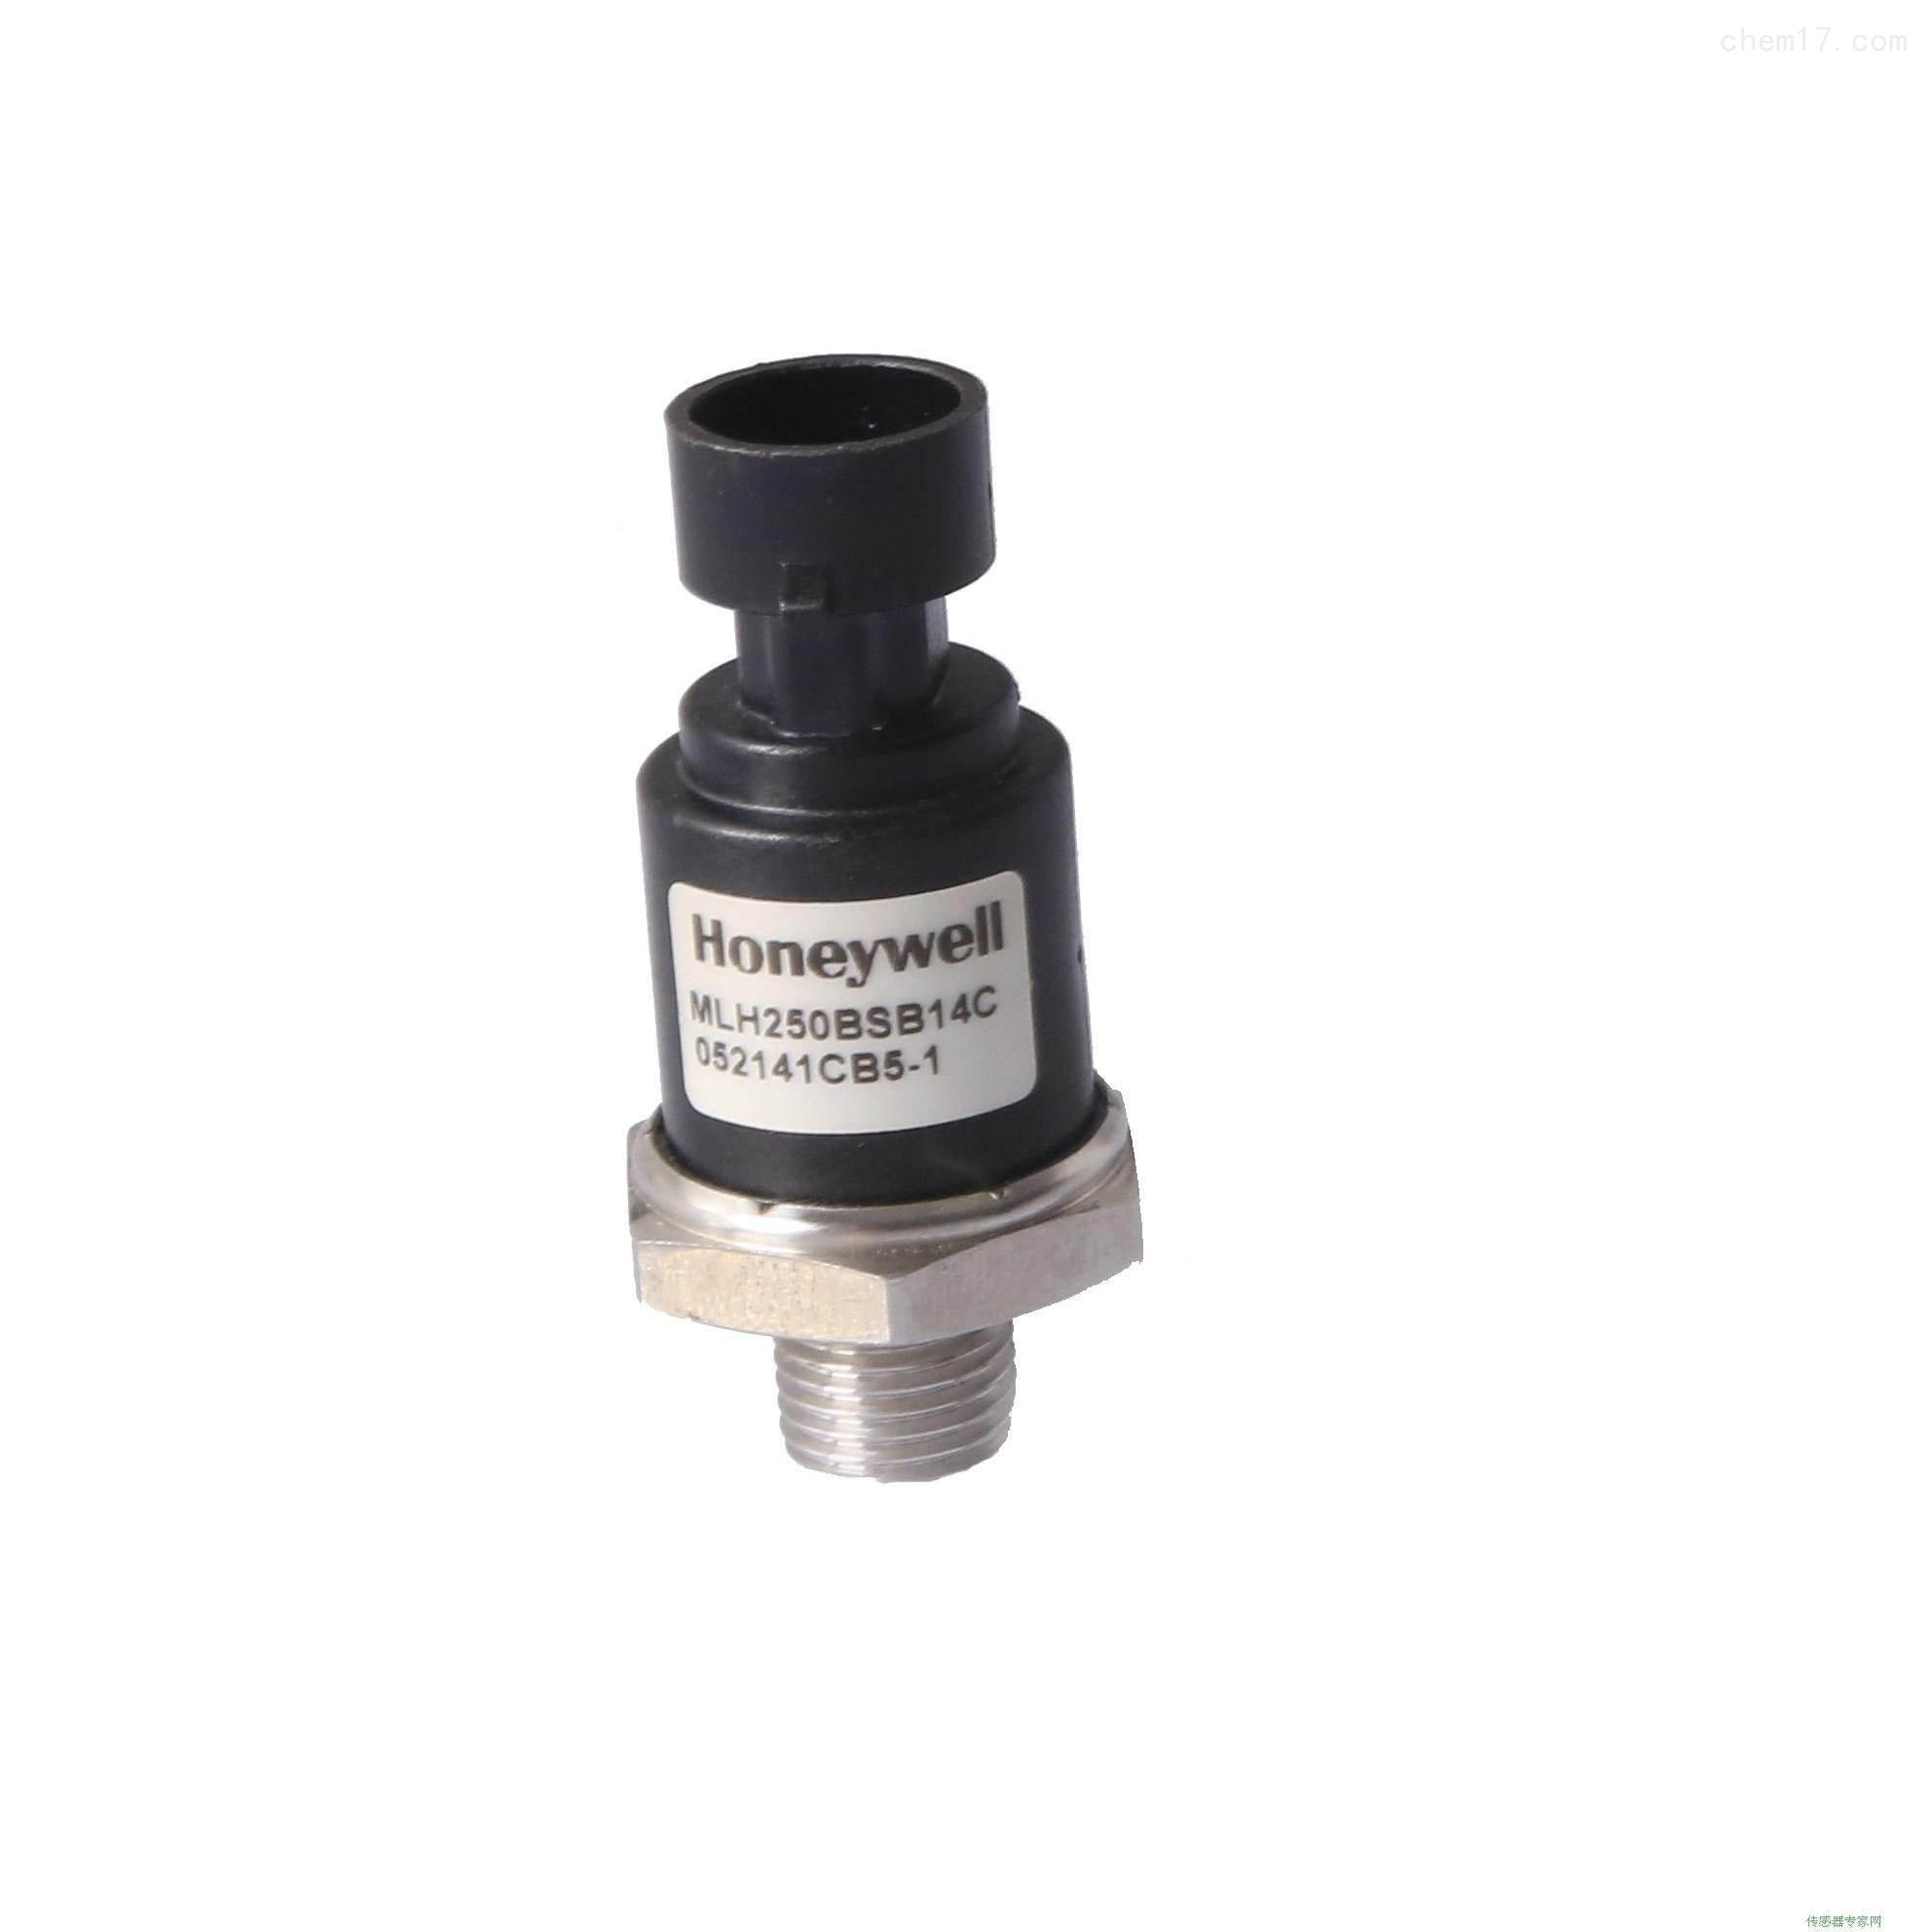 美国霍尼韦尔HONEYWELL压力传感器